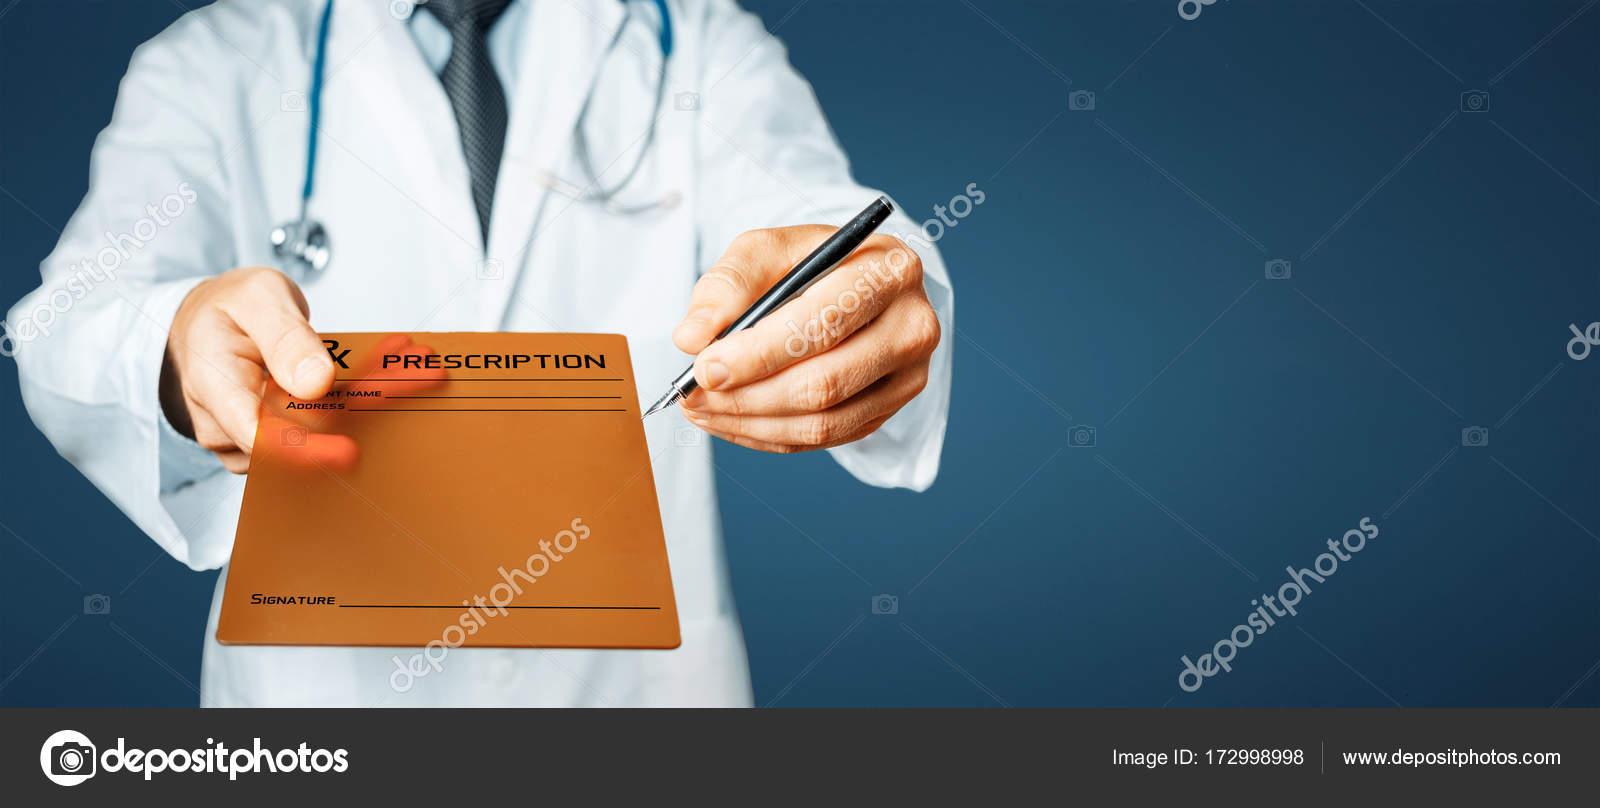 55ad0a811b735 Médico de jaleco branco com estetoscópio possui em seu tablet digital de mão  com história da doença (consentimento do paciente) e caneta para assinatura  ...